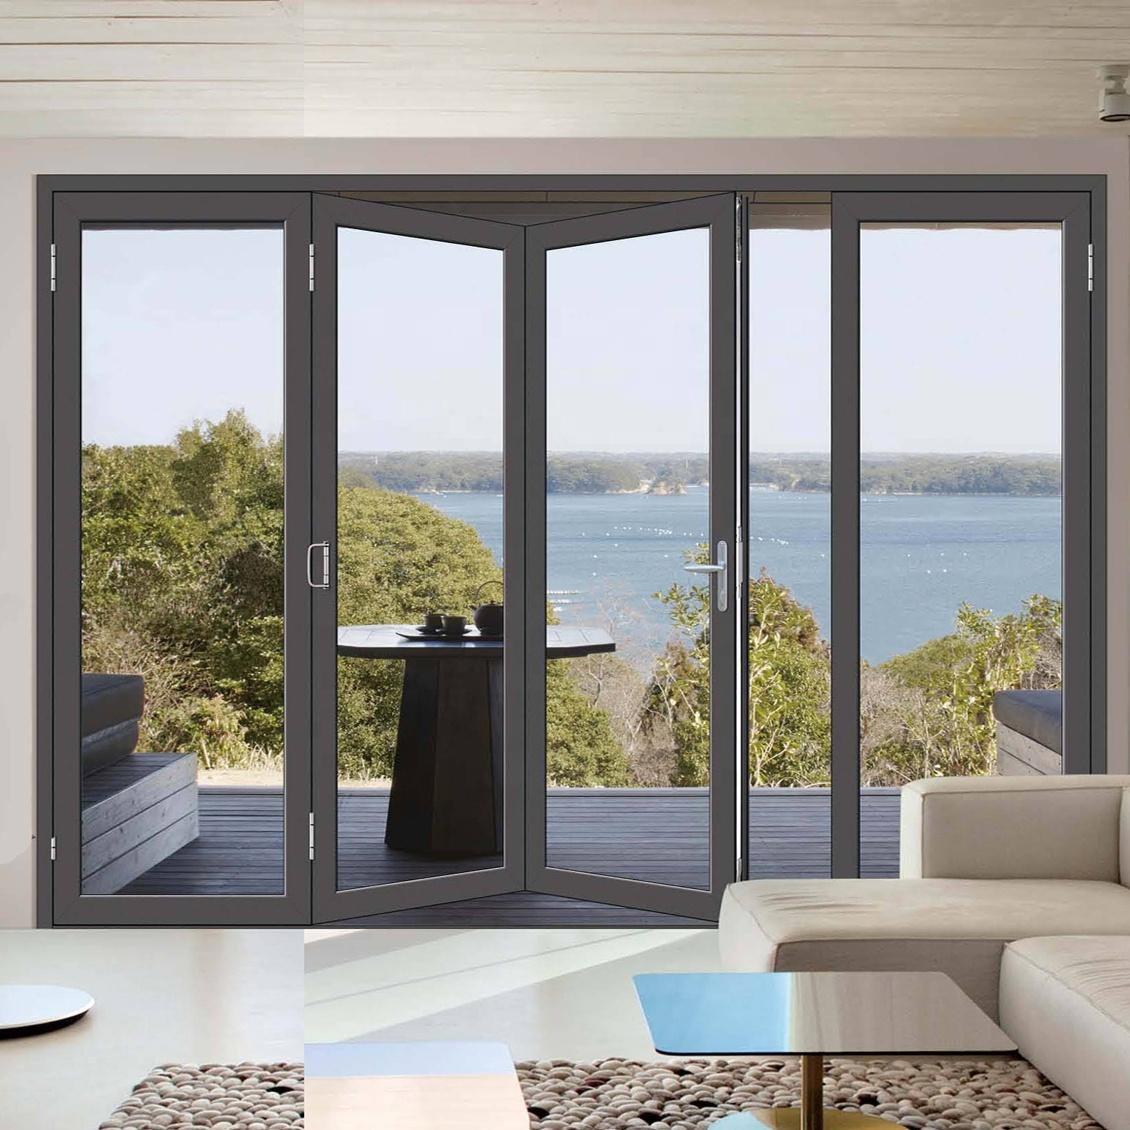 puerta corredera de aluminio de doble acristalamiento puertas plegables para patio exterior de vidrio de aluminio buy aluminium folding door door